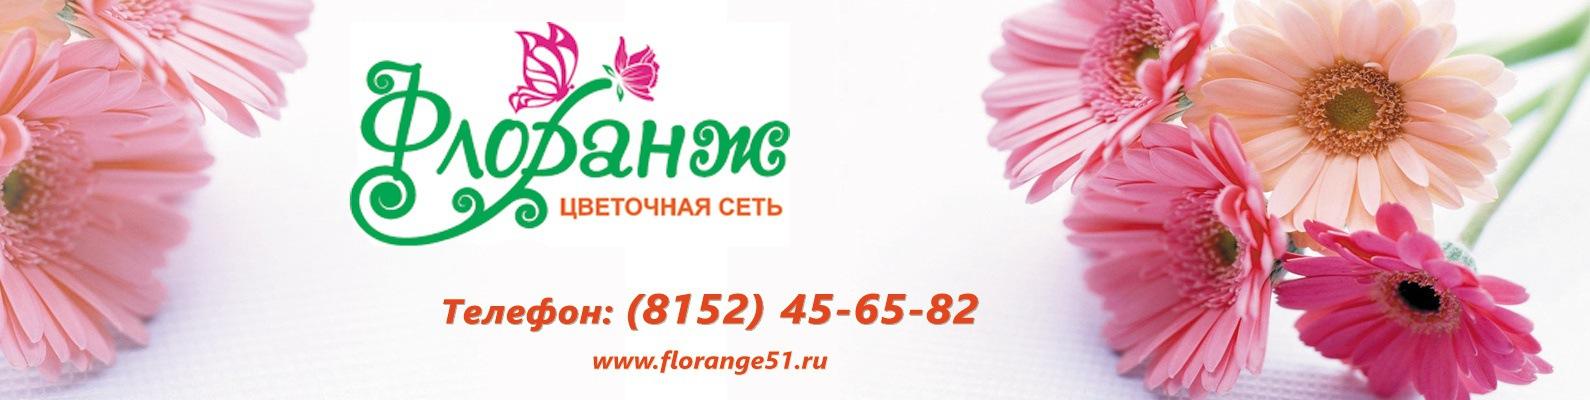 Цветы, омск доставка цветов флоран